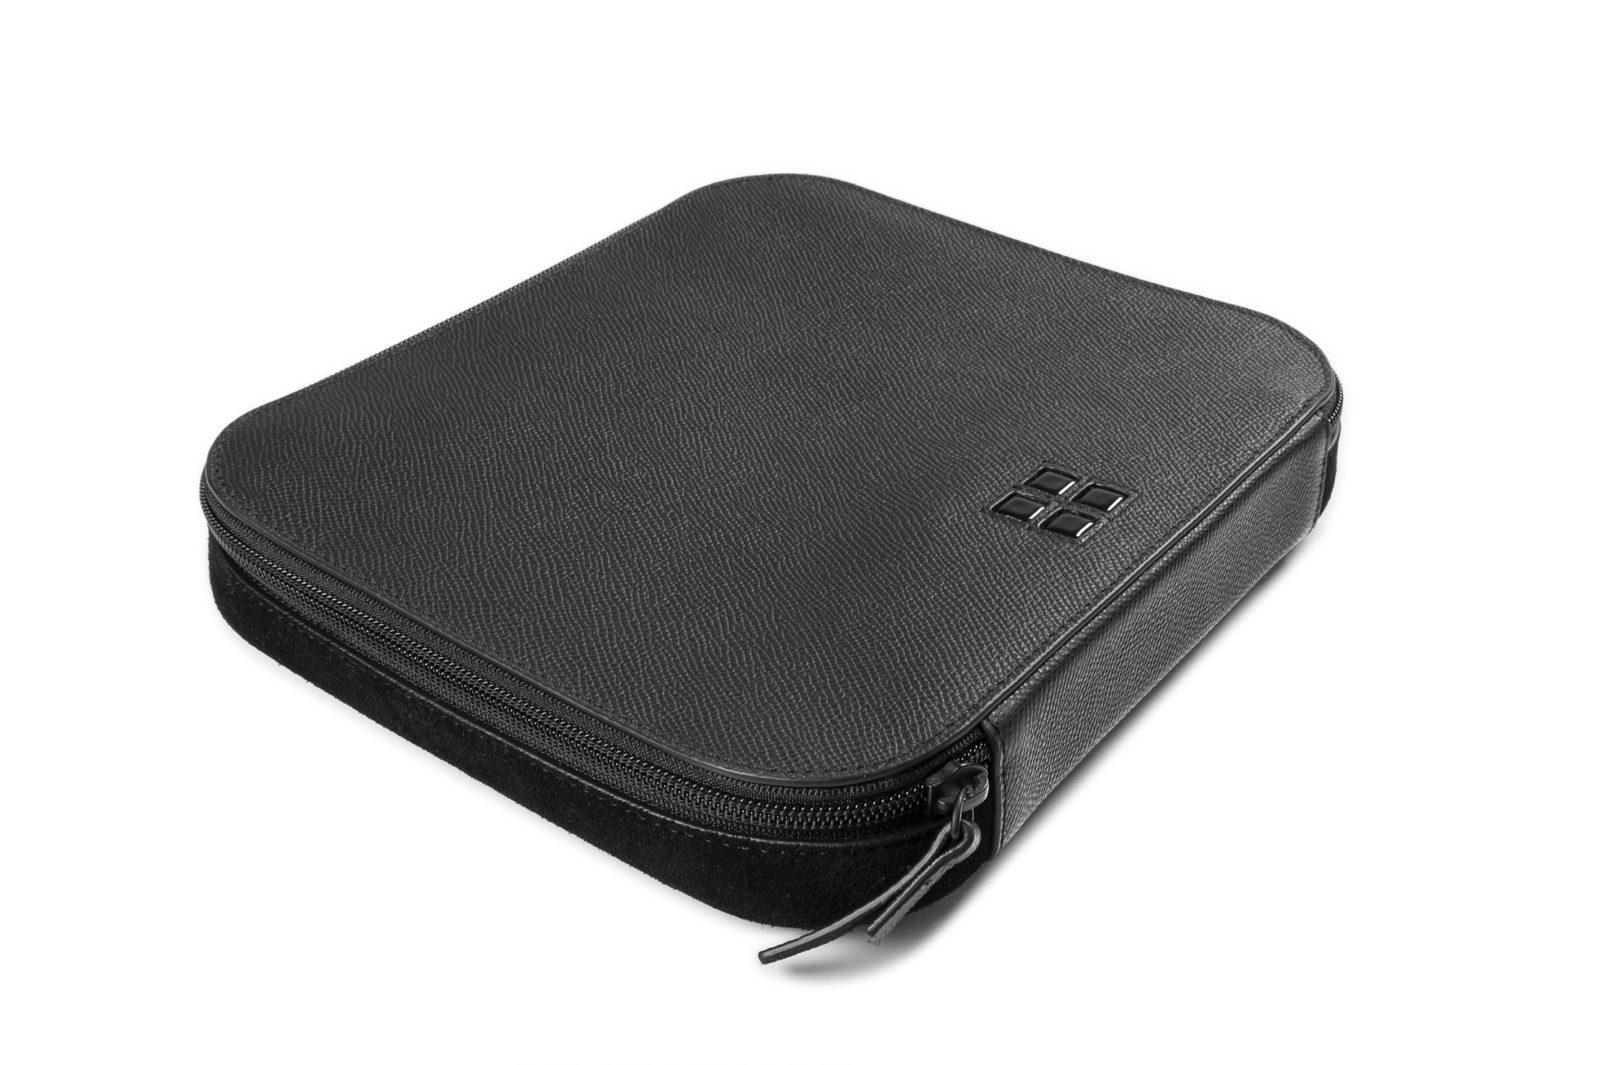 ANY DI Tech Bag designed for Microsoft Surface als perfekte Tasche für jede Art von Tech-Zubehör